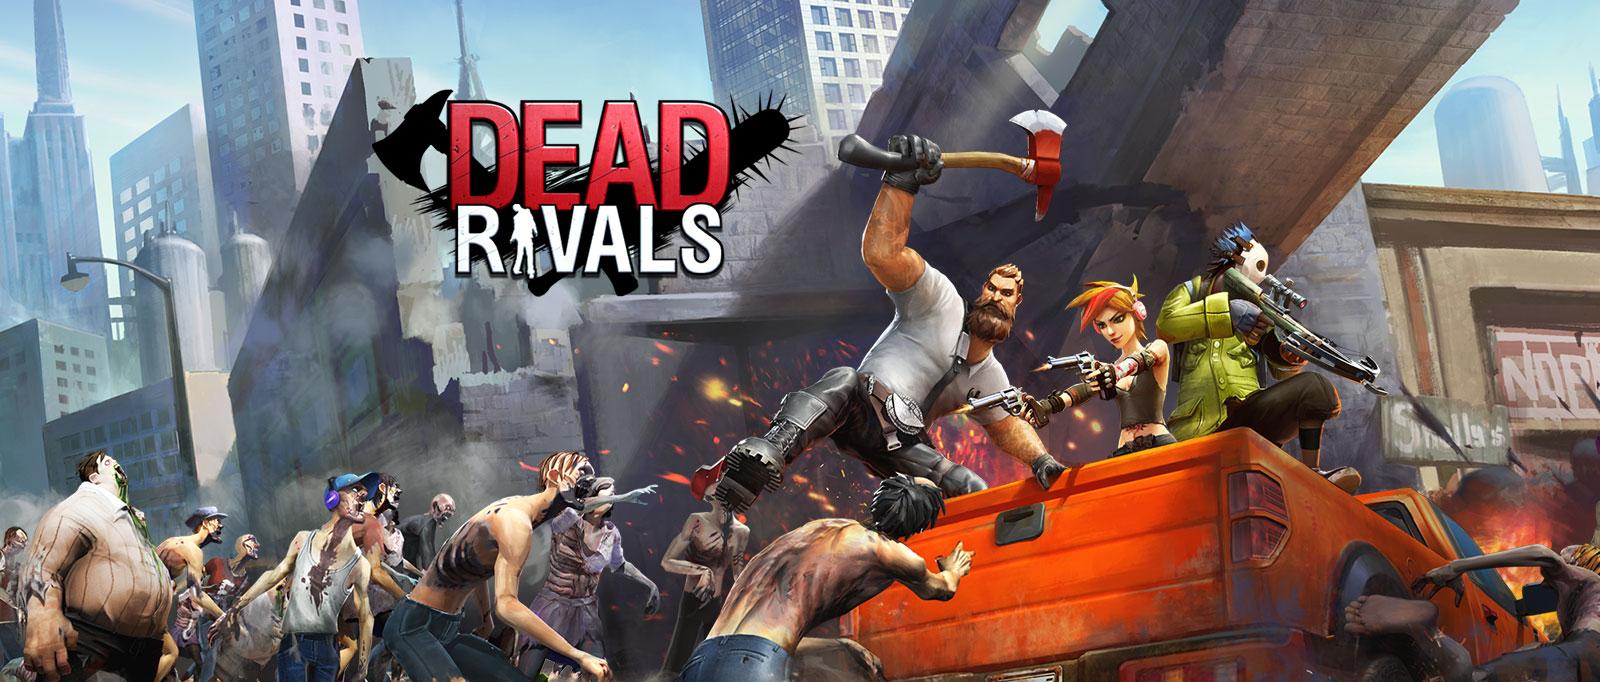 Dead Rival